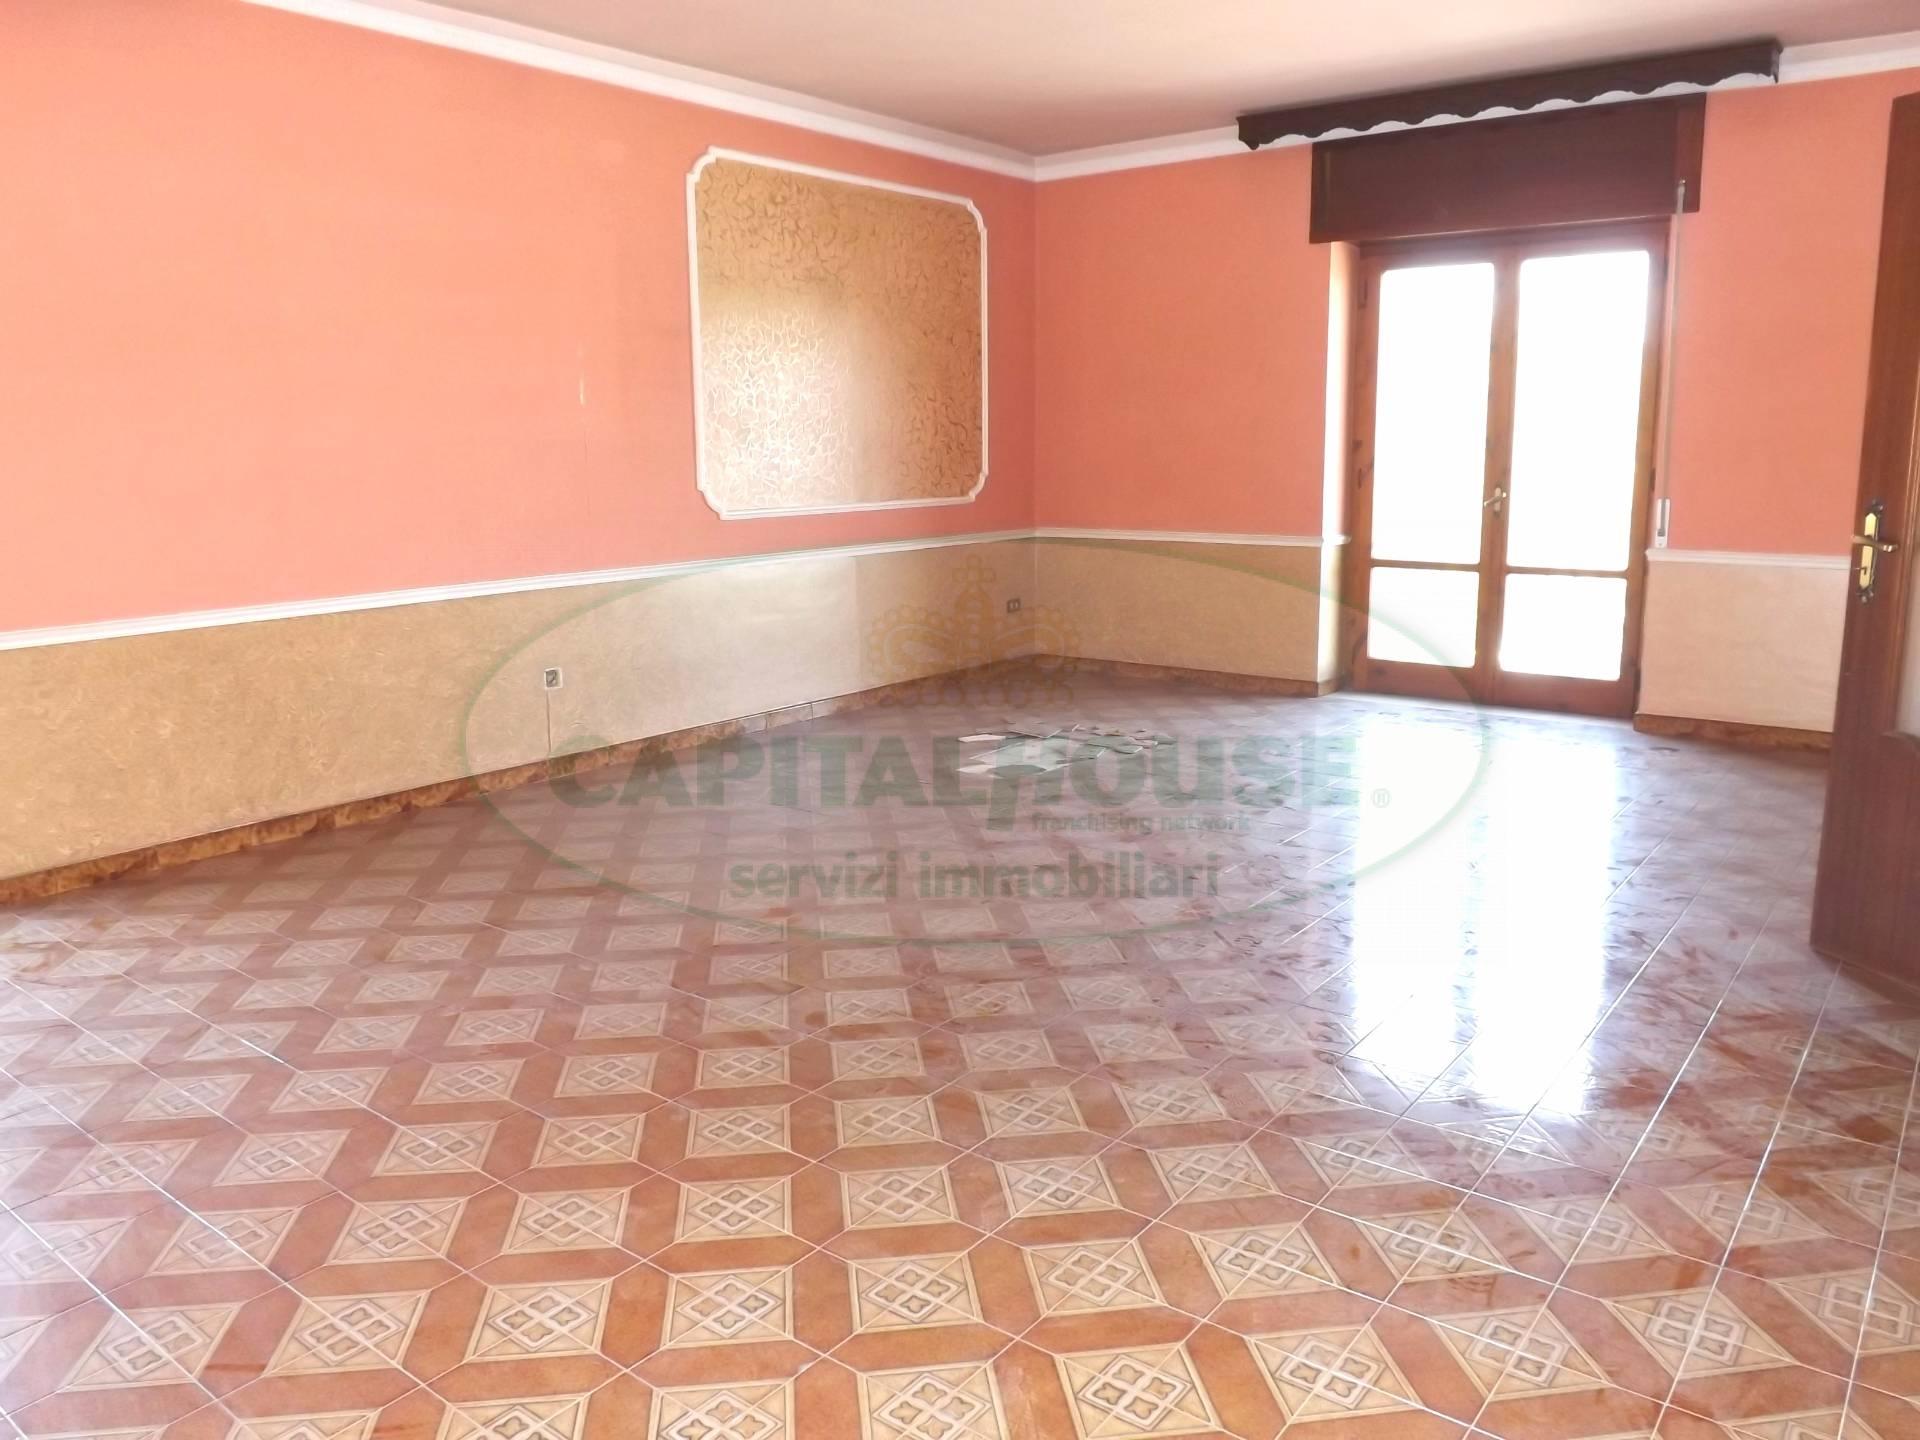 Appartamento in vendita a Cesinali, 4 locali, prezzo € 80.000 | Cambio Casa.it